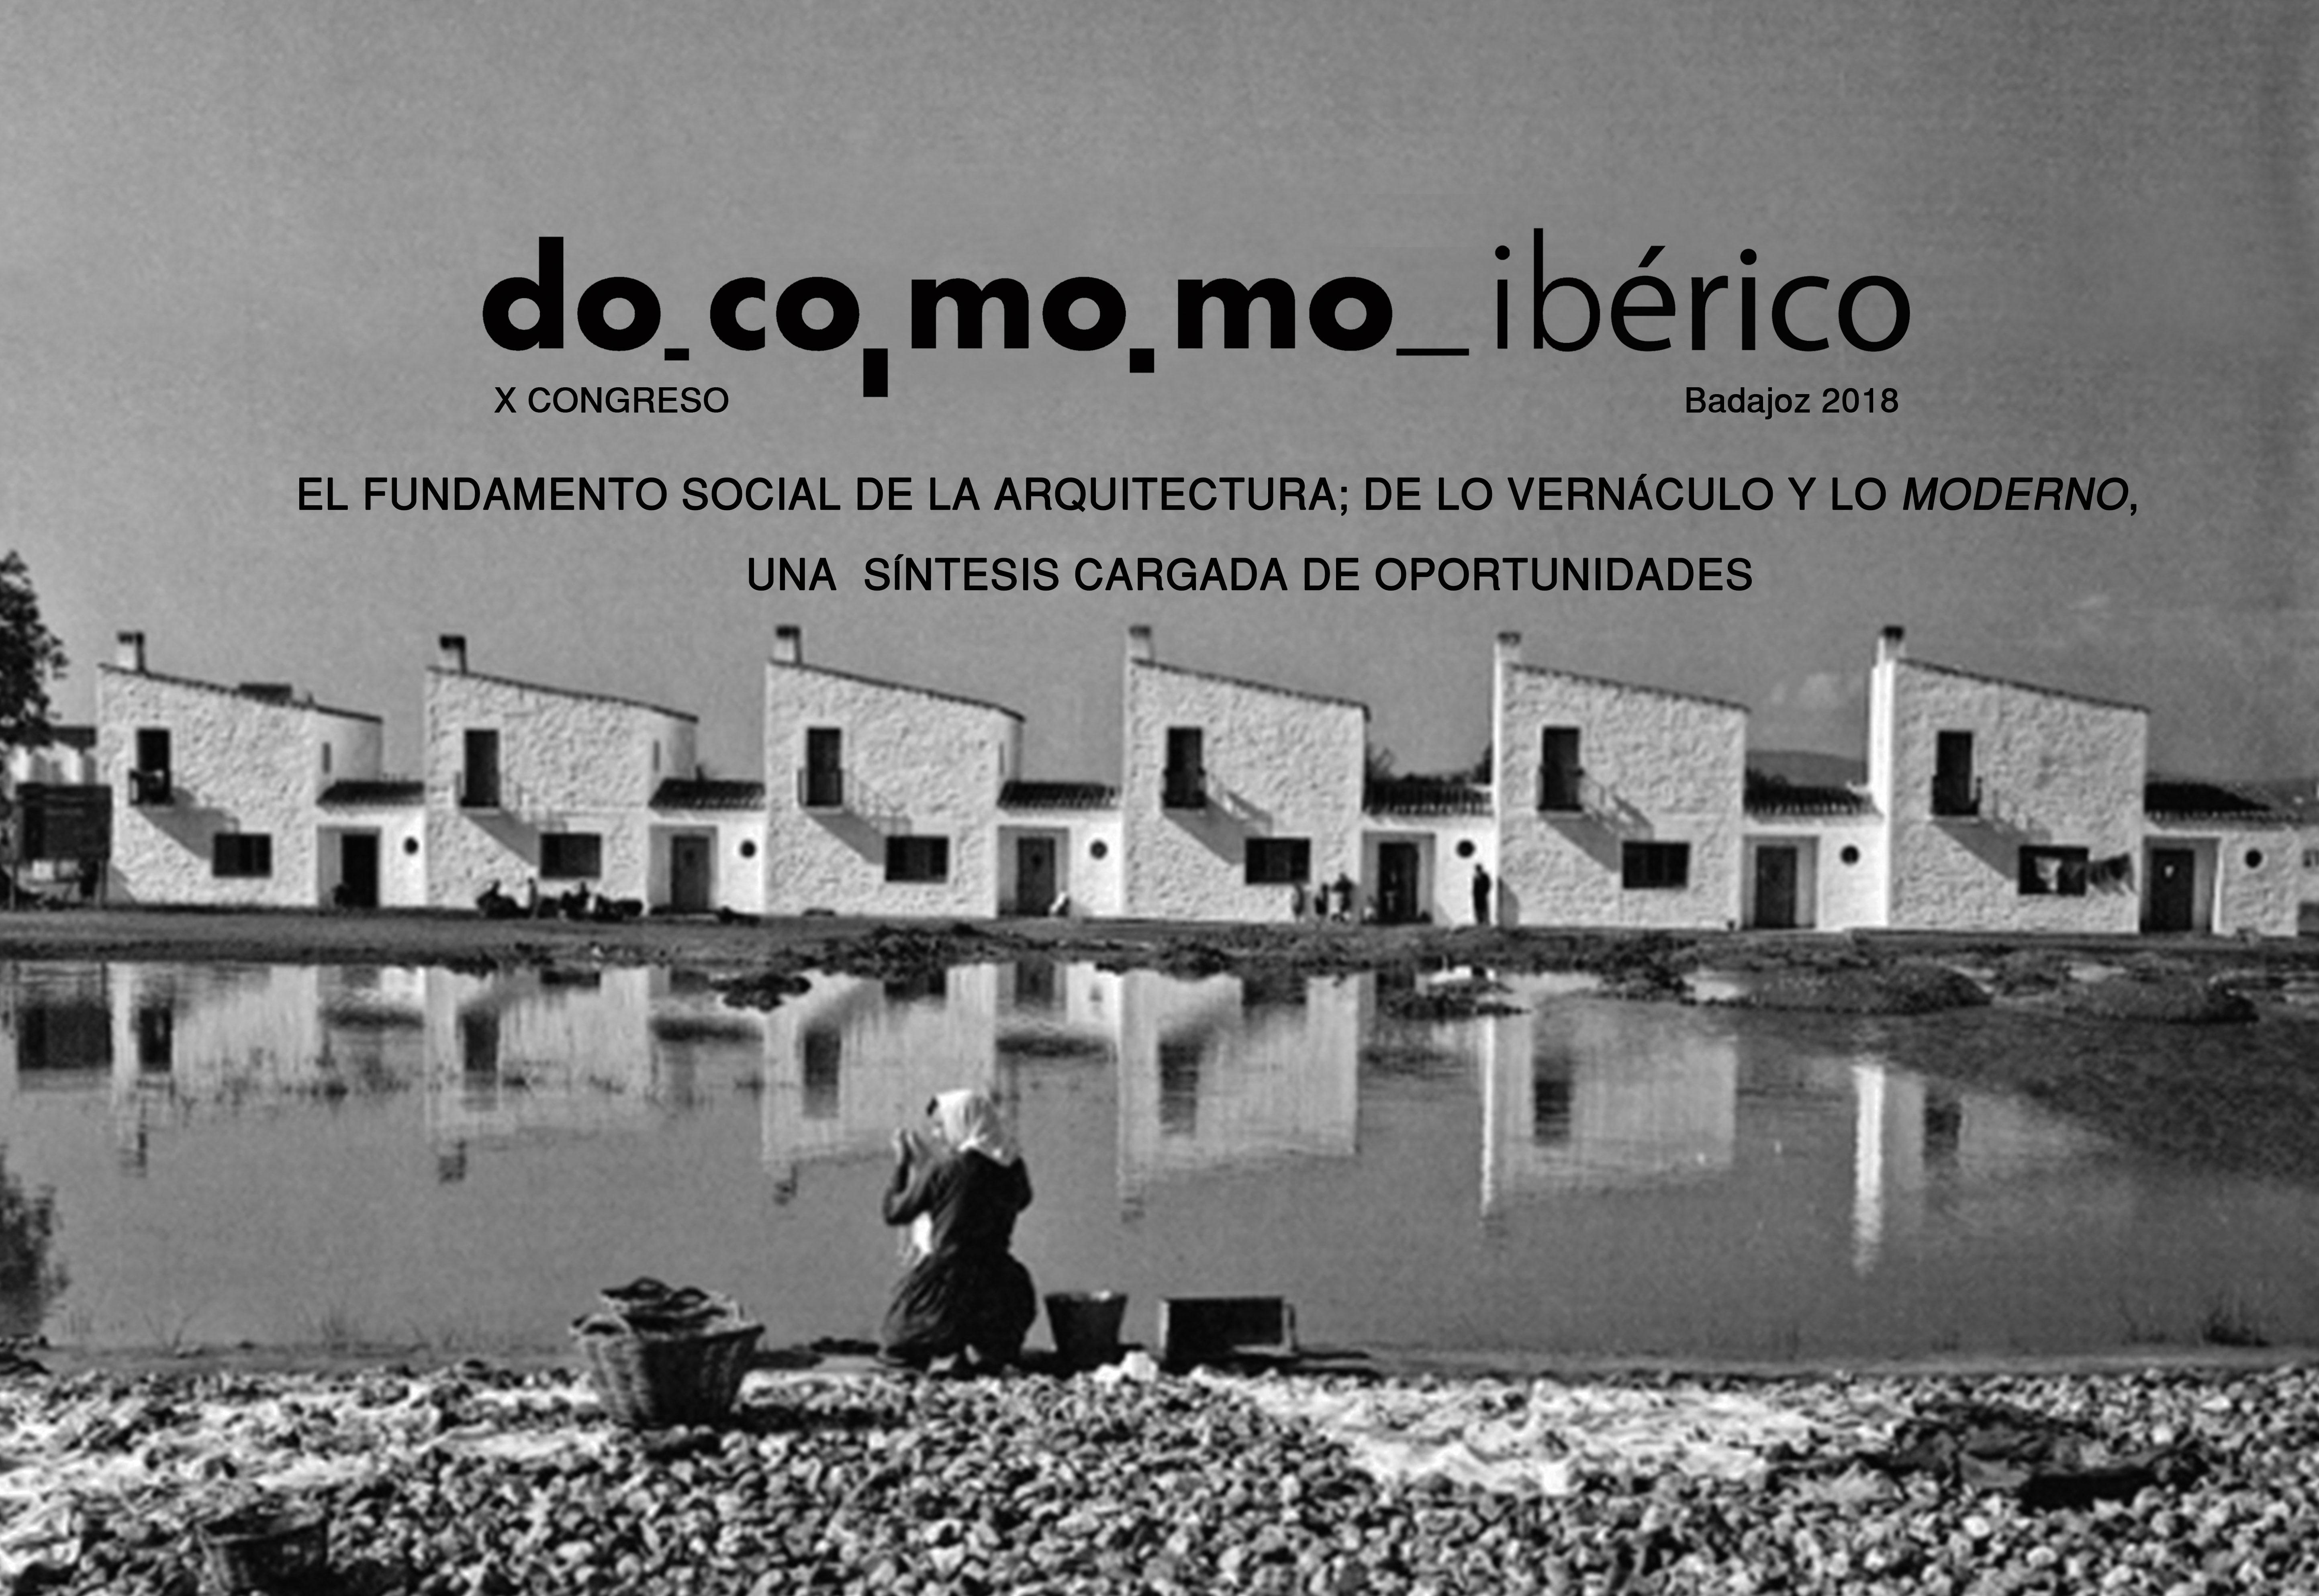 """X Congreso DOCOMOMO Ibérico """"El fundamento social de la arquitectura; de lo vernáculo y lo Moderno, una sístesis cargada de oportunidades"""""""